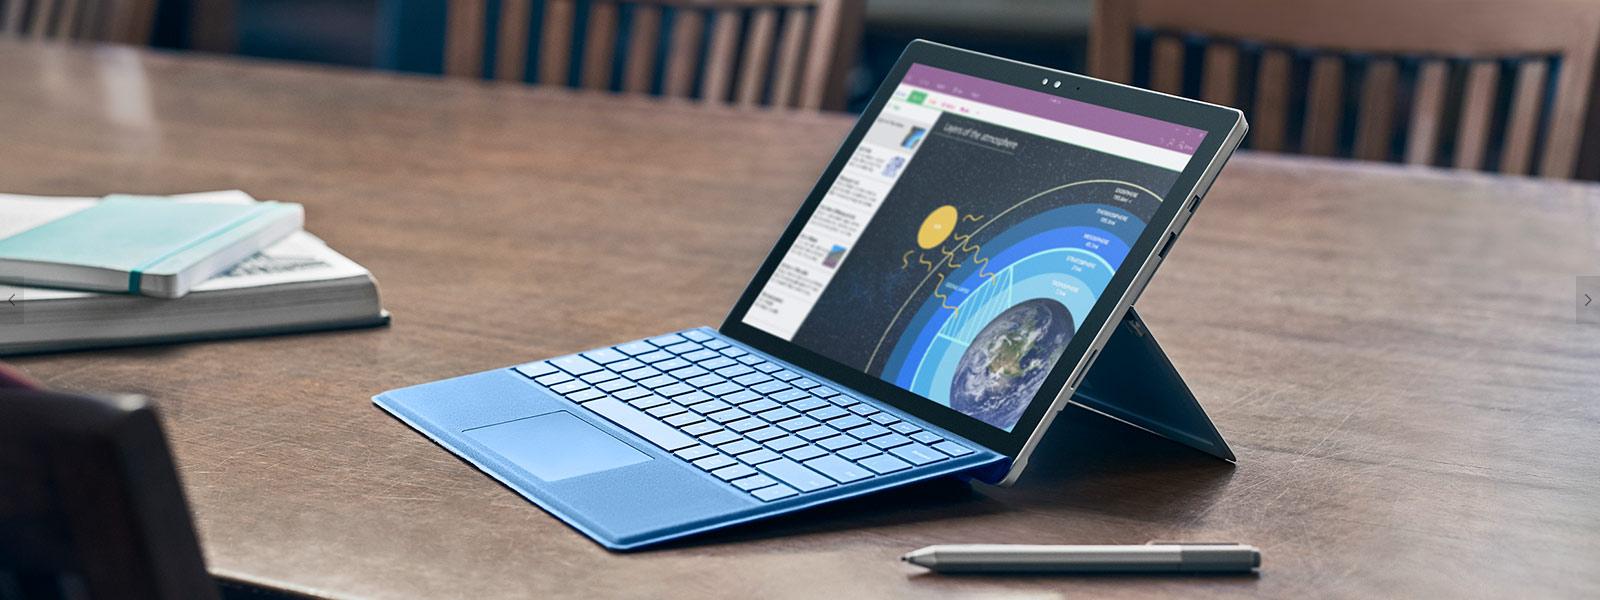 Surface Pro 4 avec un stylet Surface et une souris